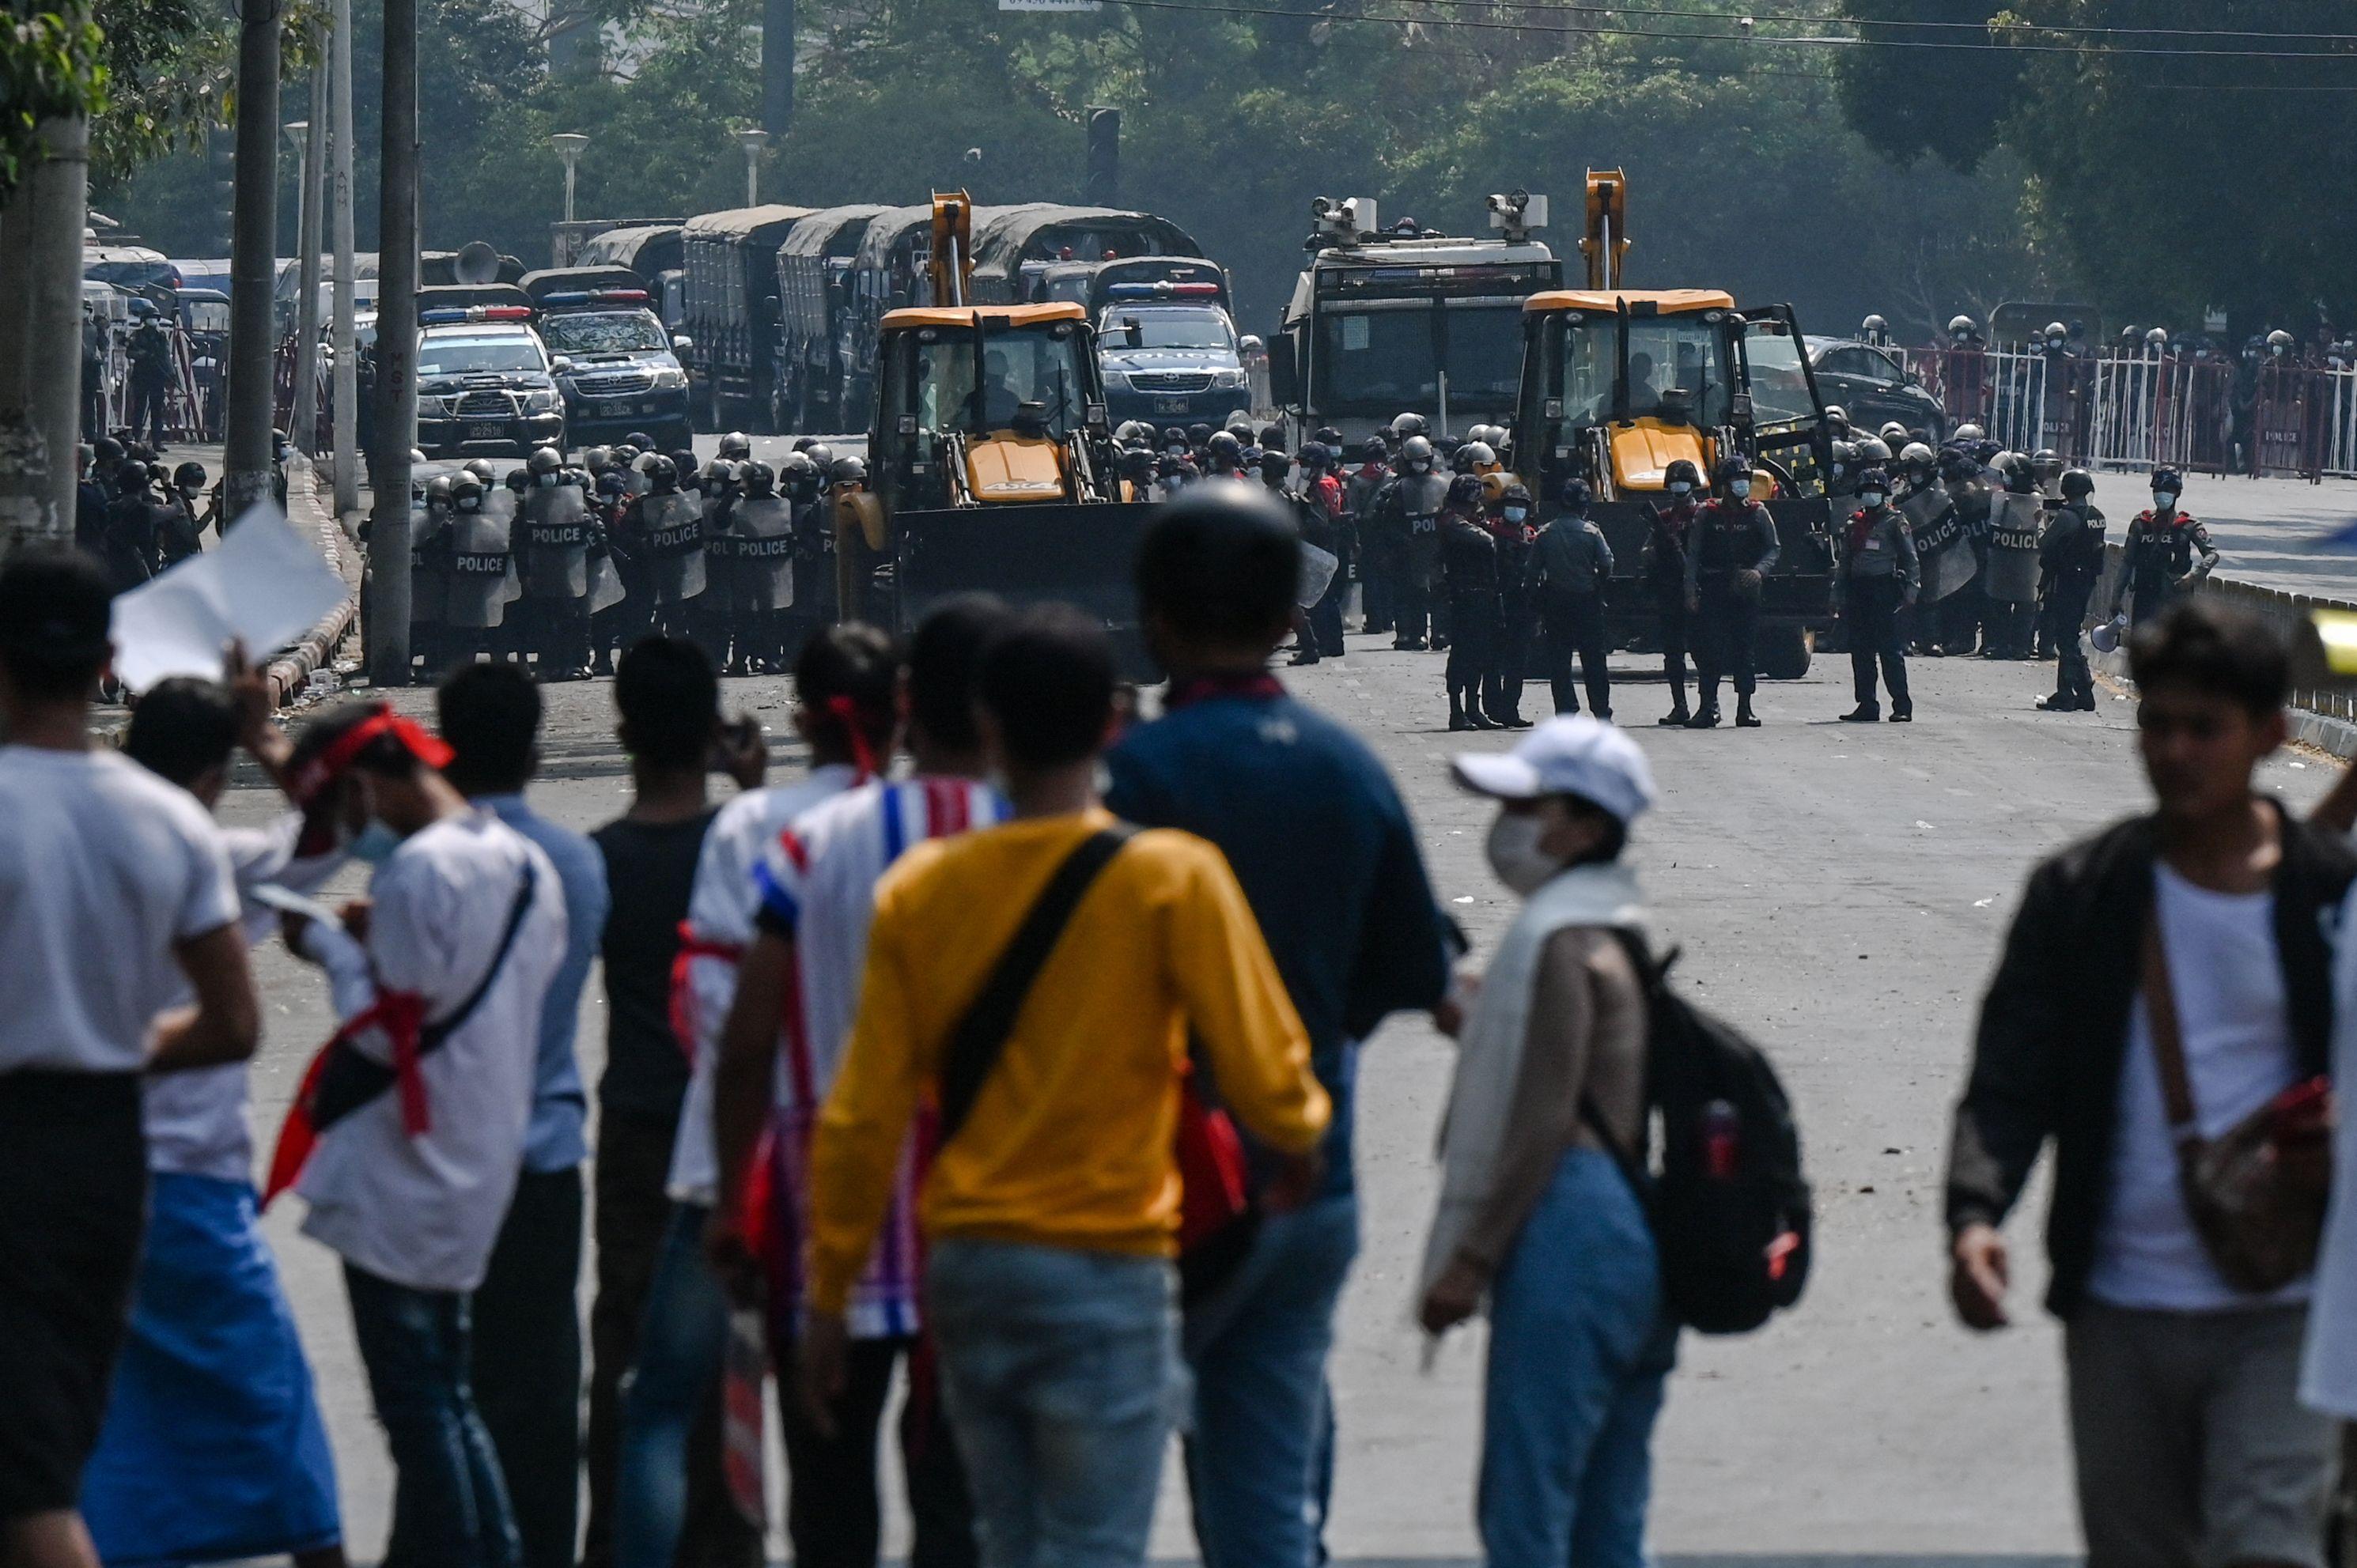 当地时间2021年2月22日,缅甸仰光,数万名支持昂山素季的示威者在缅甸全国范围内举行大罢工,导致多个城市交通陷入瘫痪。人民视觉 图